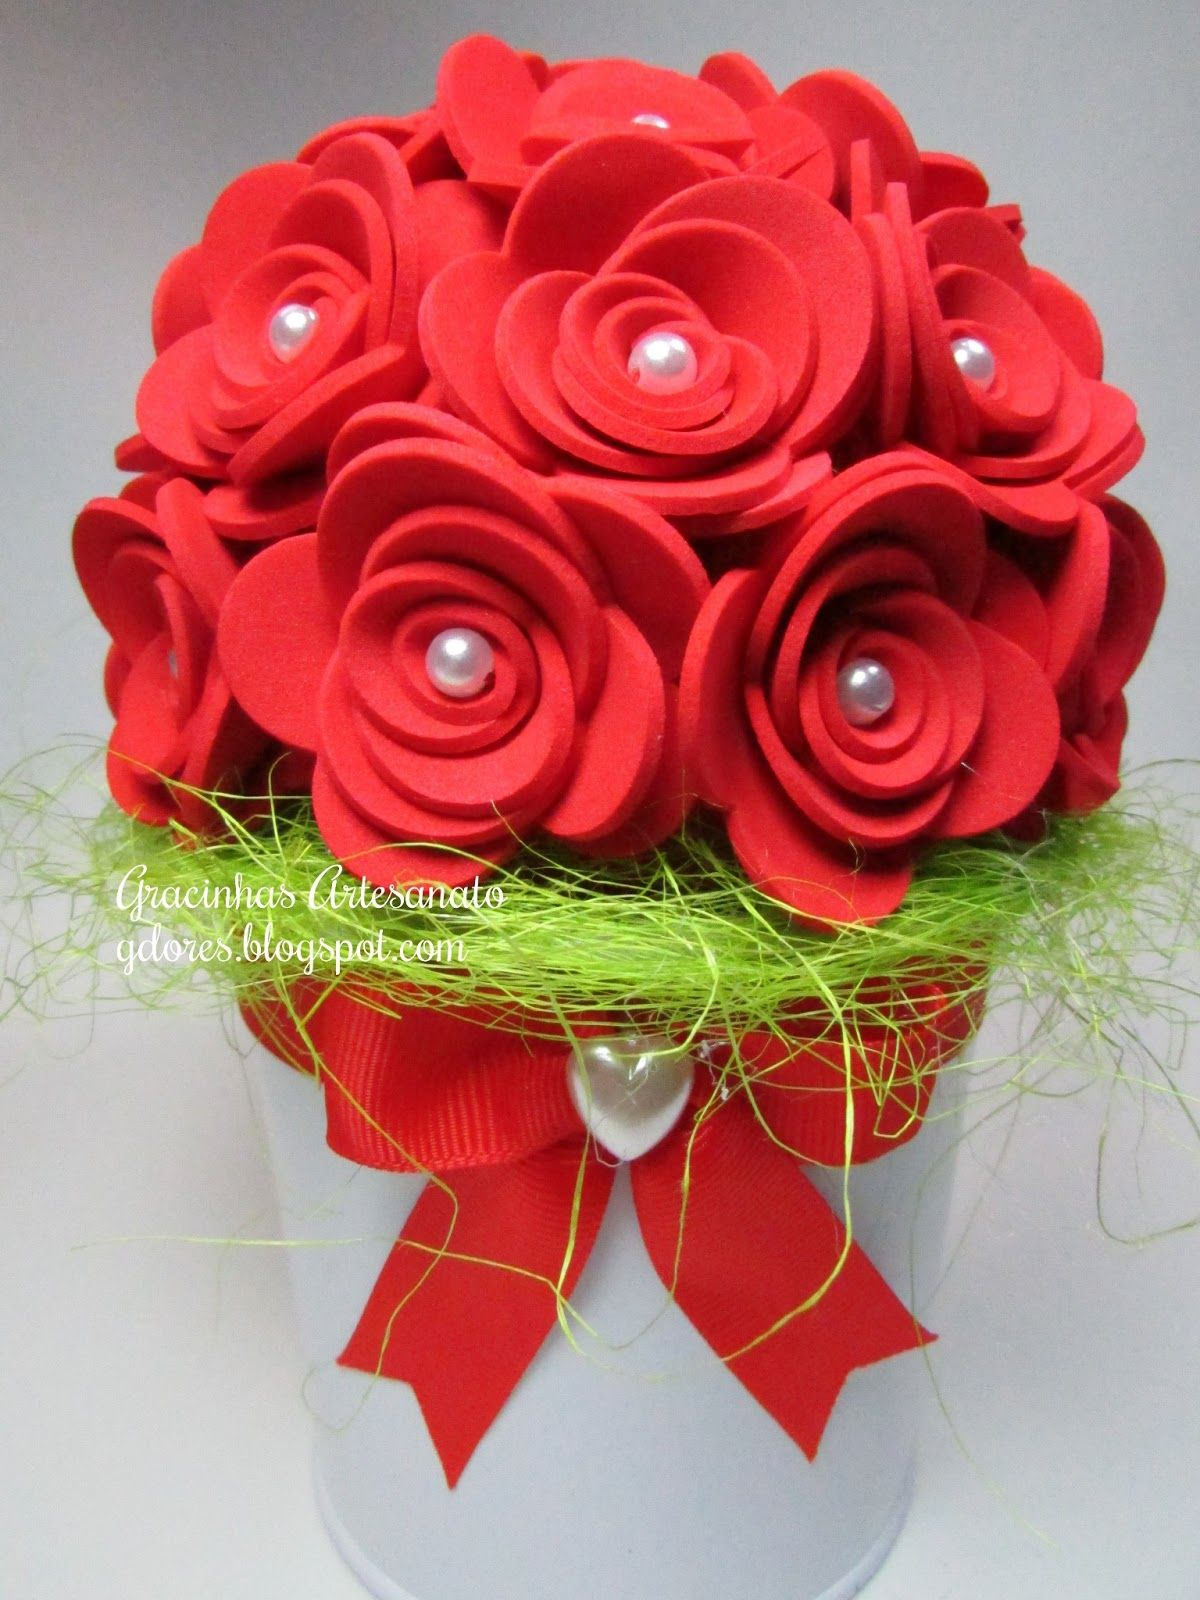 Bouquet de flores para o Dia da Mãe | Flores em eva, Artesanato, Artesanato  dia das mães